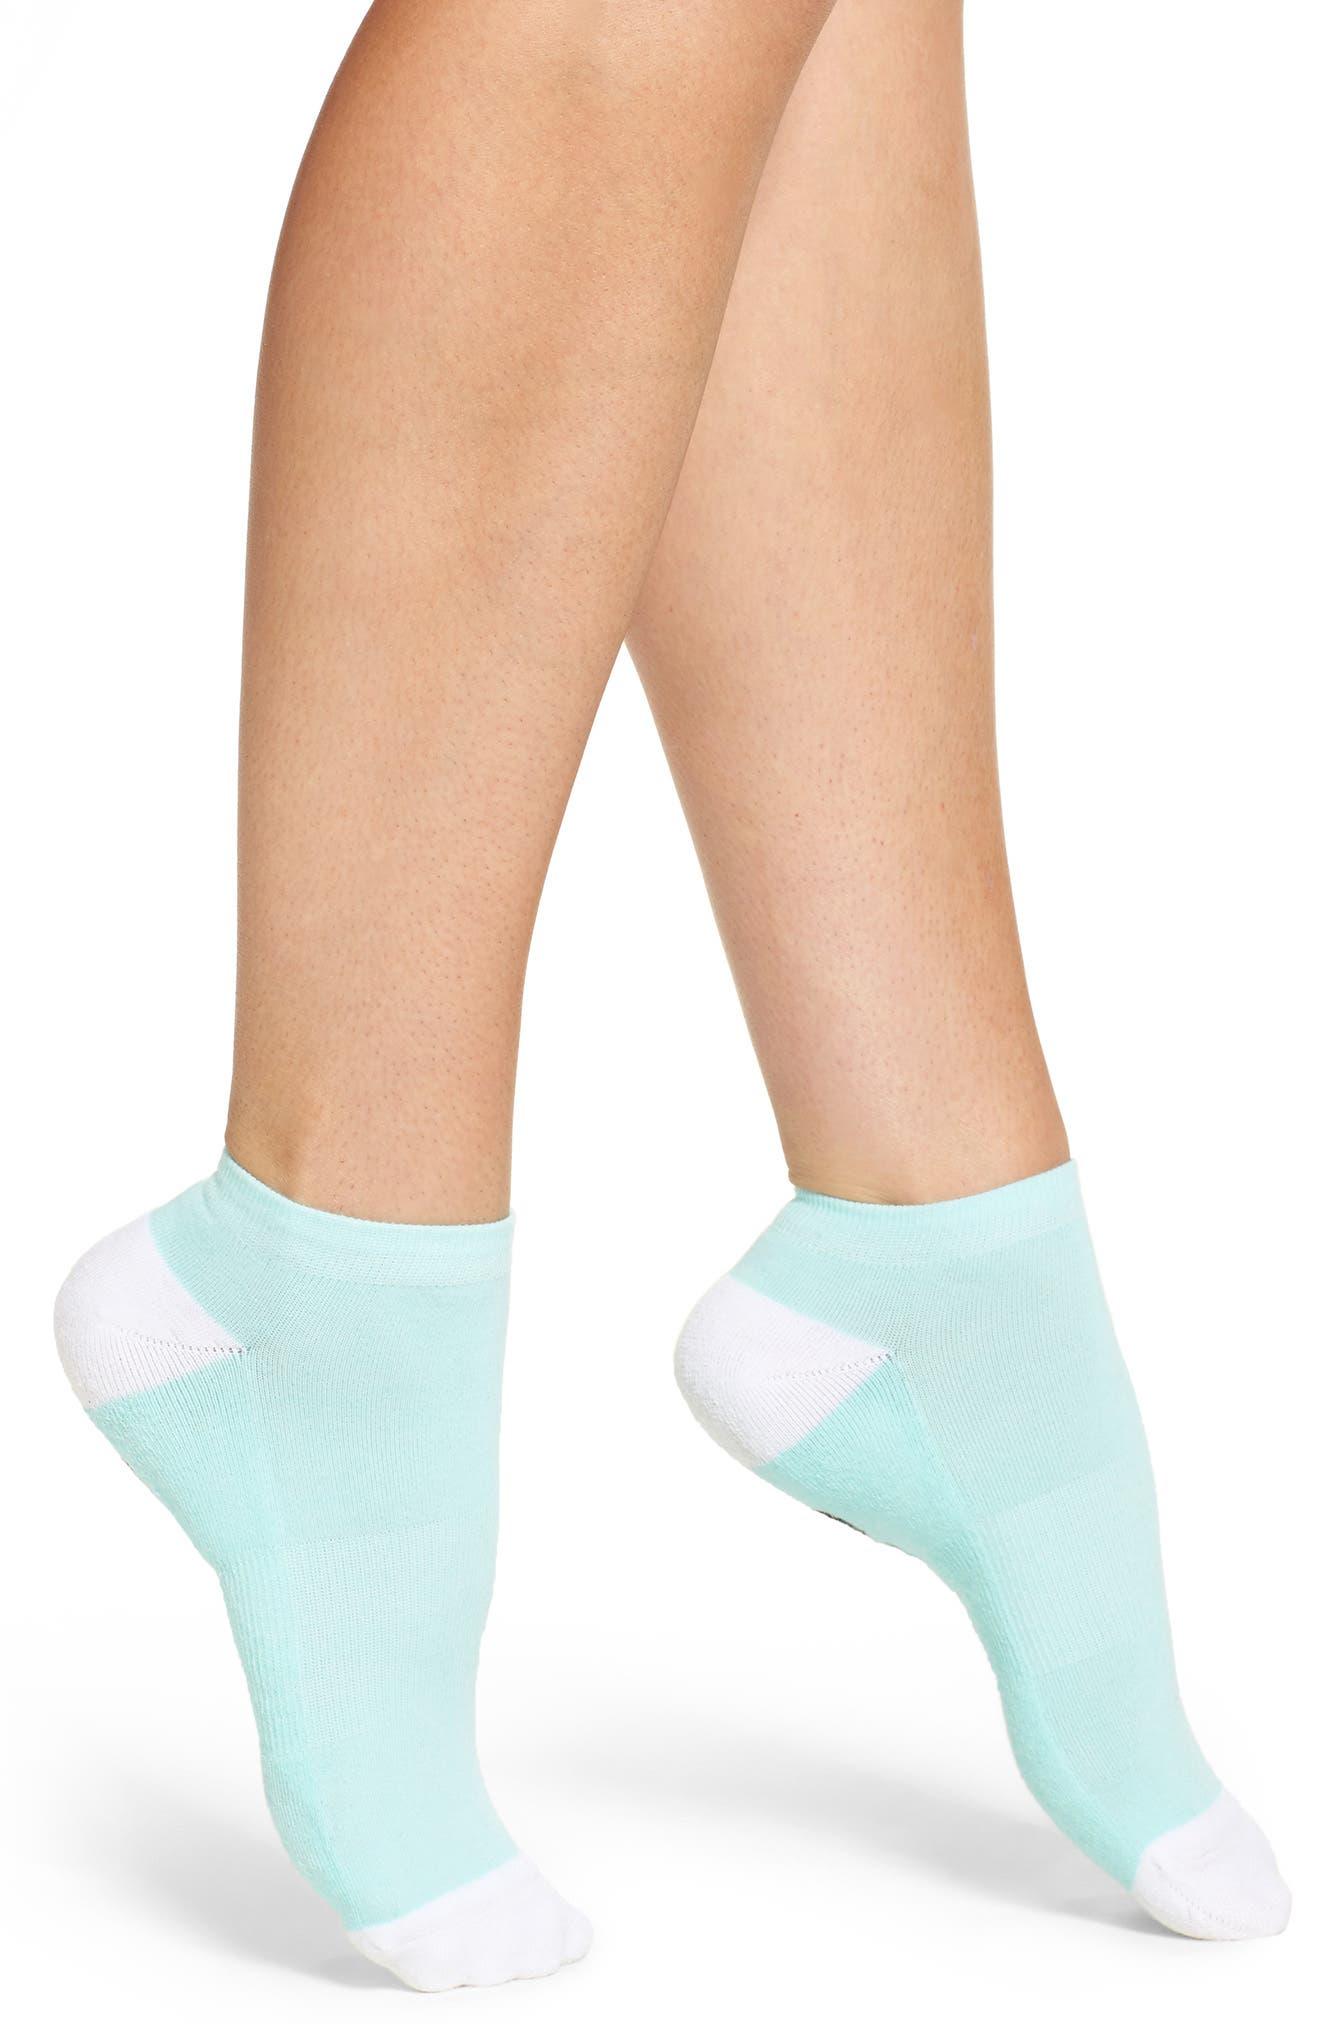 Mermaid Vibes Ankle Socks,                         Main,                         color, 331